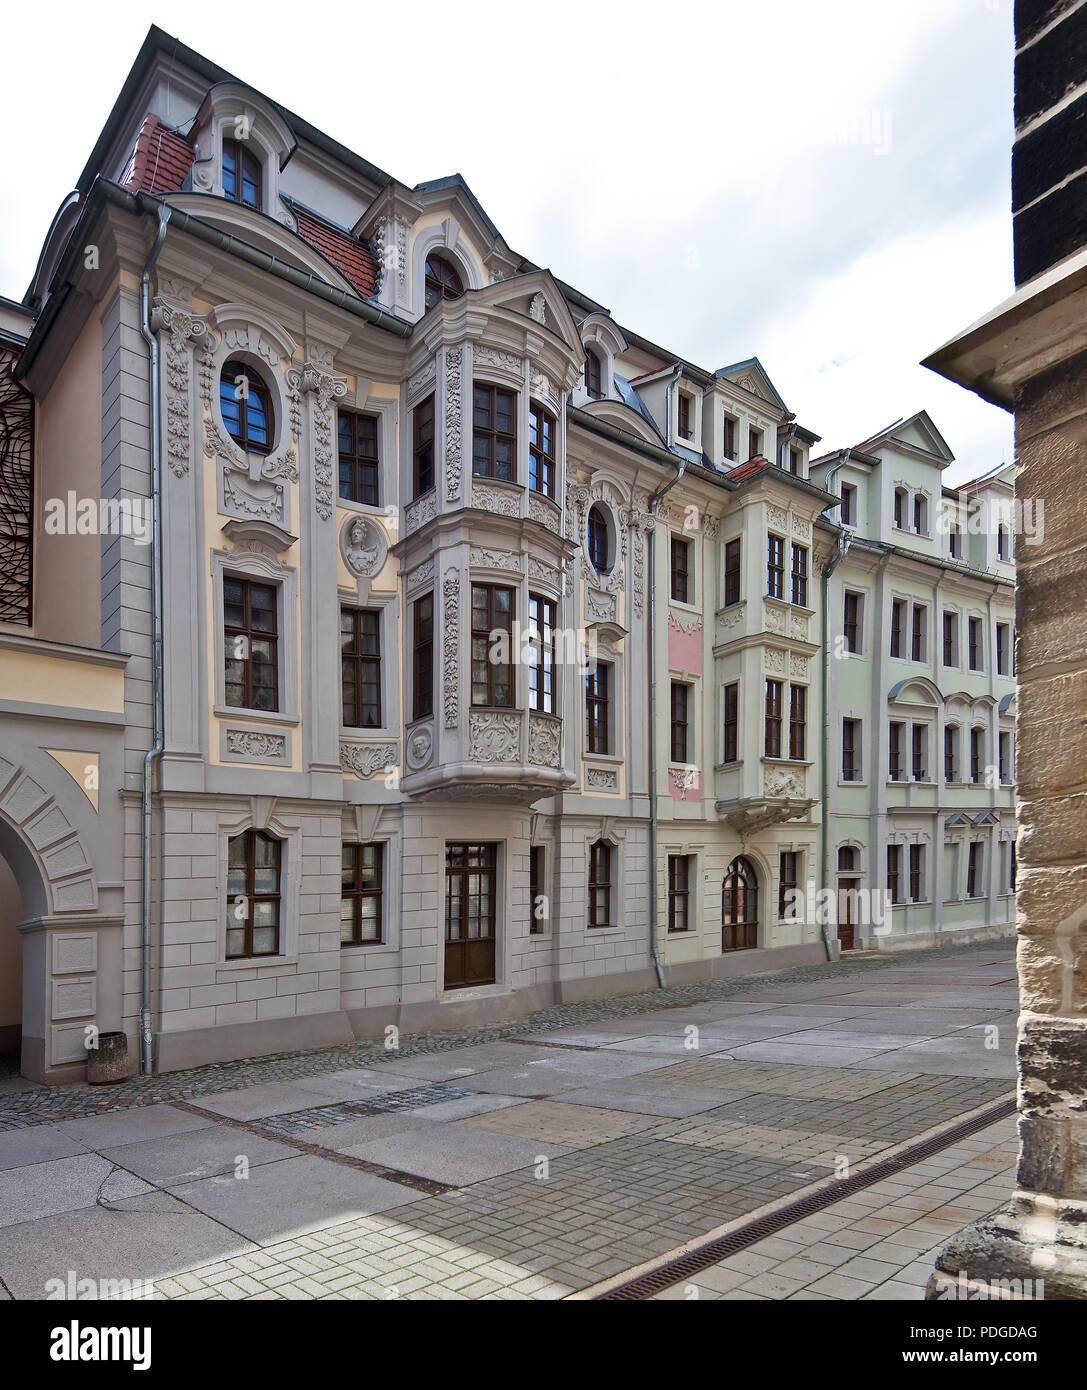 Sogenannte Kavaliershäuser mit aufwändiger Stuckdekoration, erbaut ab 1720 Stock Photo